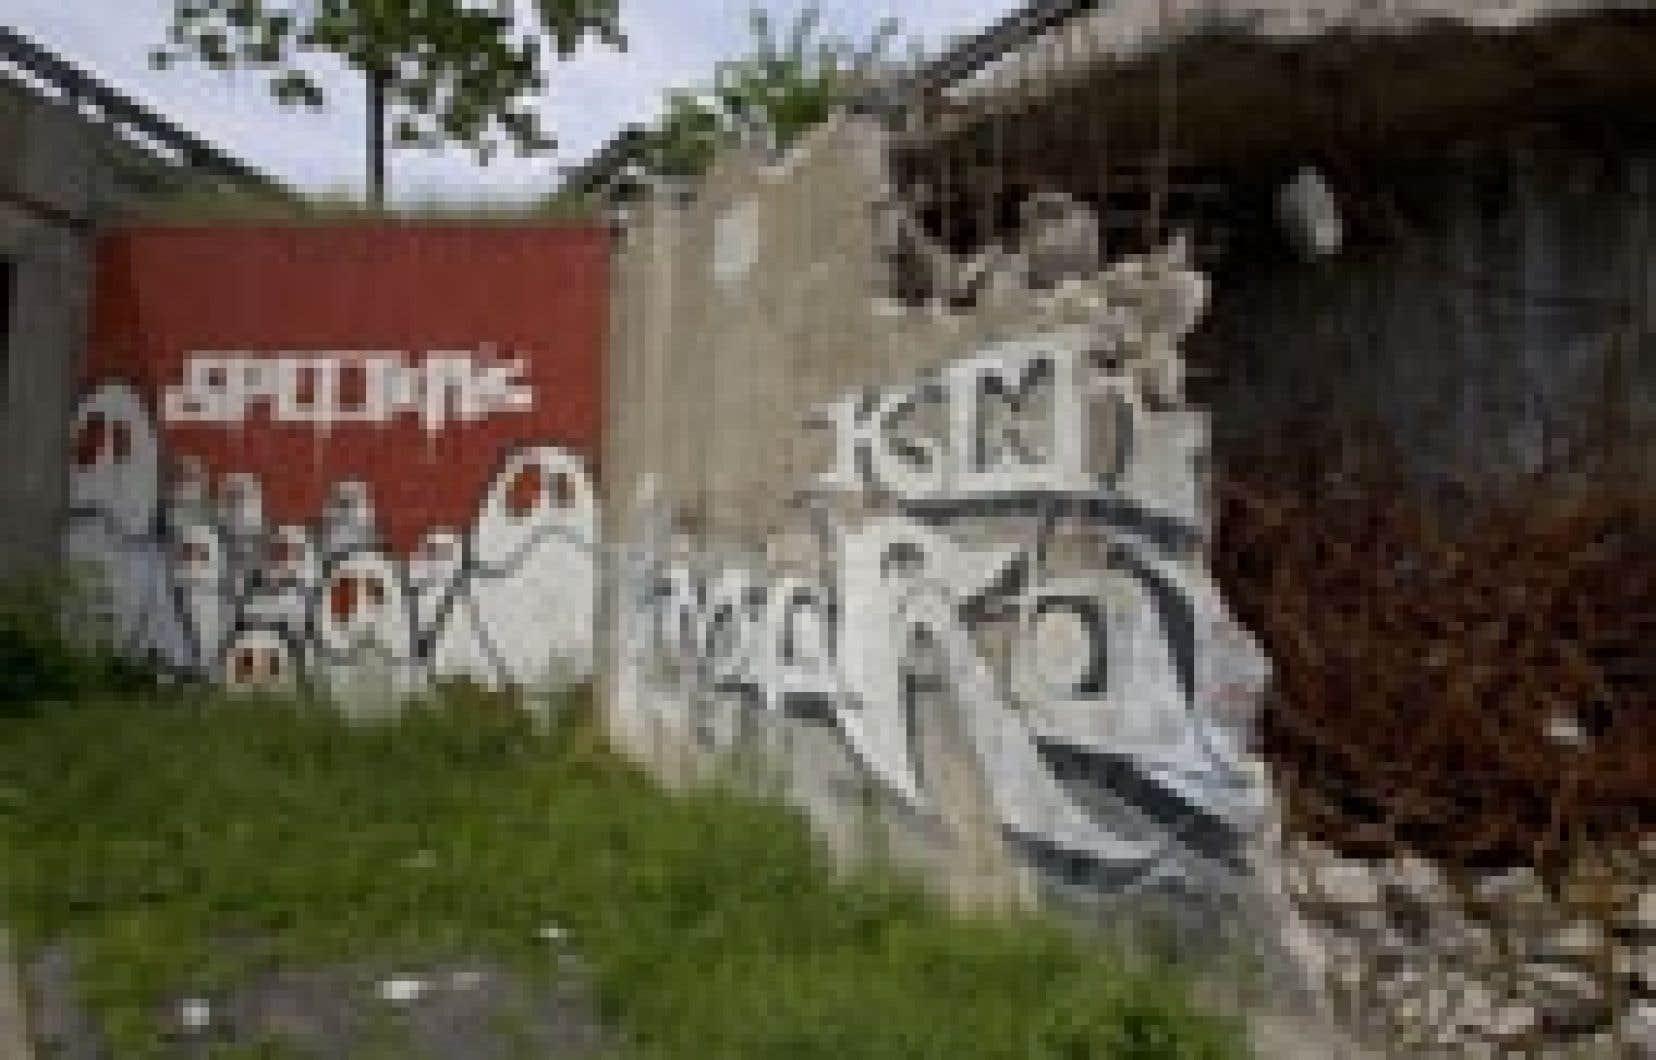 L'oeuvre de quatre mètres sur quatre, intitulée Specter's, du nom de son créateur, est un des derniers graffitis à ne pas encore avoir été détruits. Il se trouve sur le mur de droite de l'entrée du tunnel de l'avenue du Parc, direction no